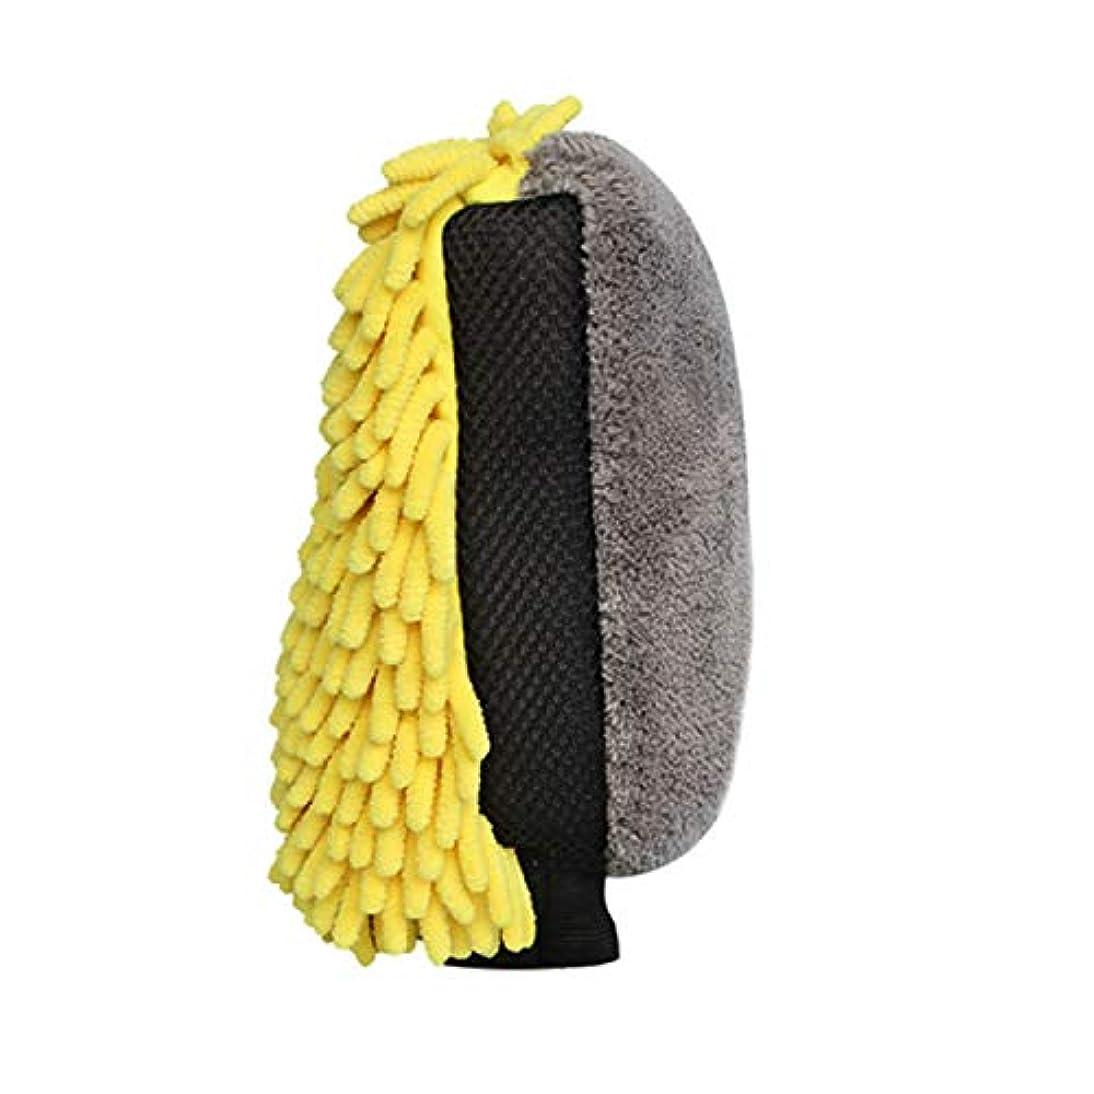 文芸前置詞ほんのBTXXYJP 防水 カーウォッシュマイクロ ファイバーシェ ニール ディテールブラシ グローブ 多機能 (Color : Yellow, Size : M-Five pairs)